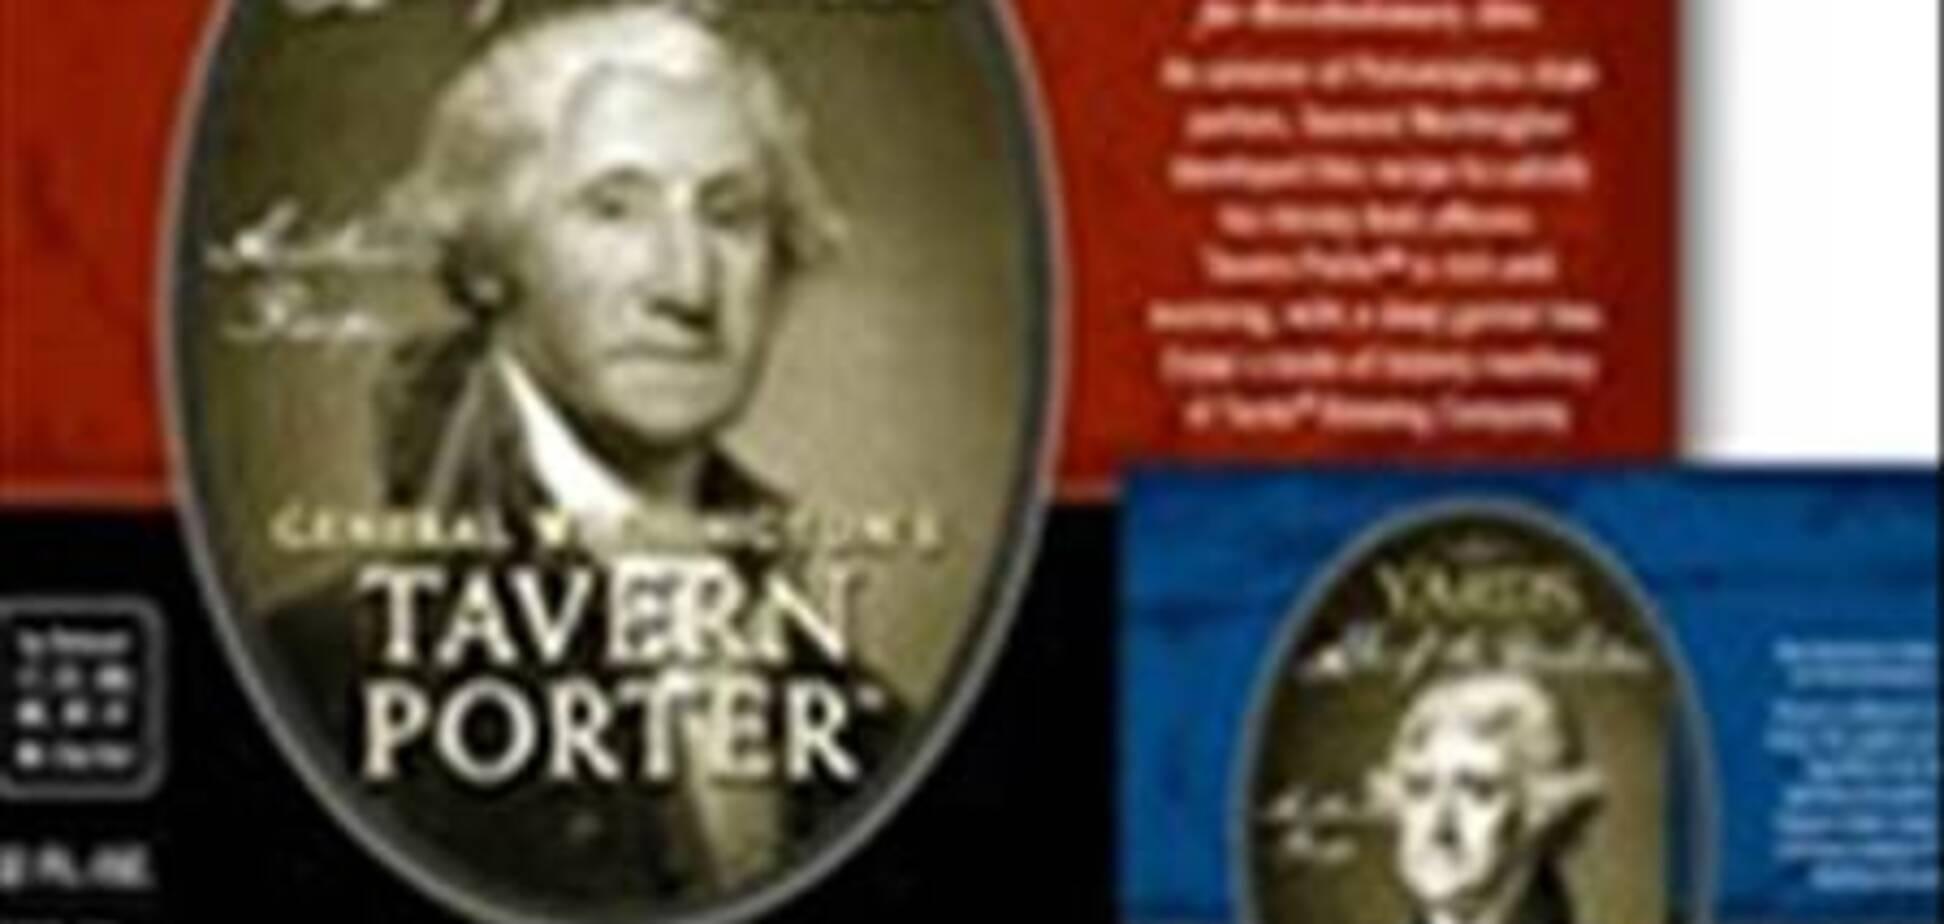 Американцы сварили пиво по рецепту Джорджа Вашингтона